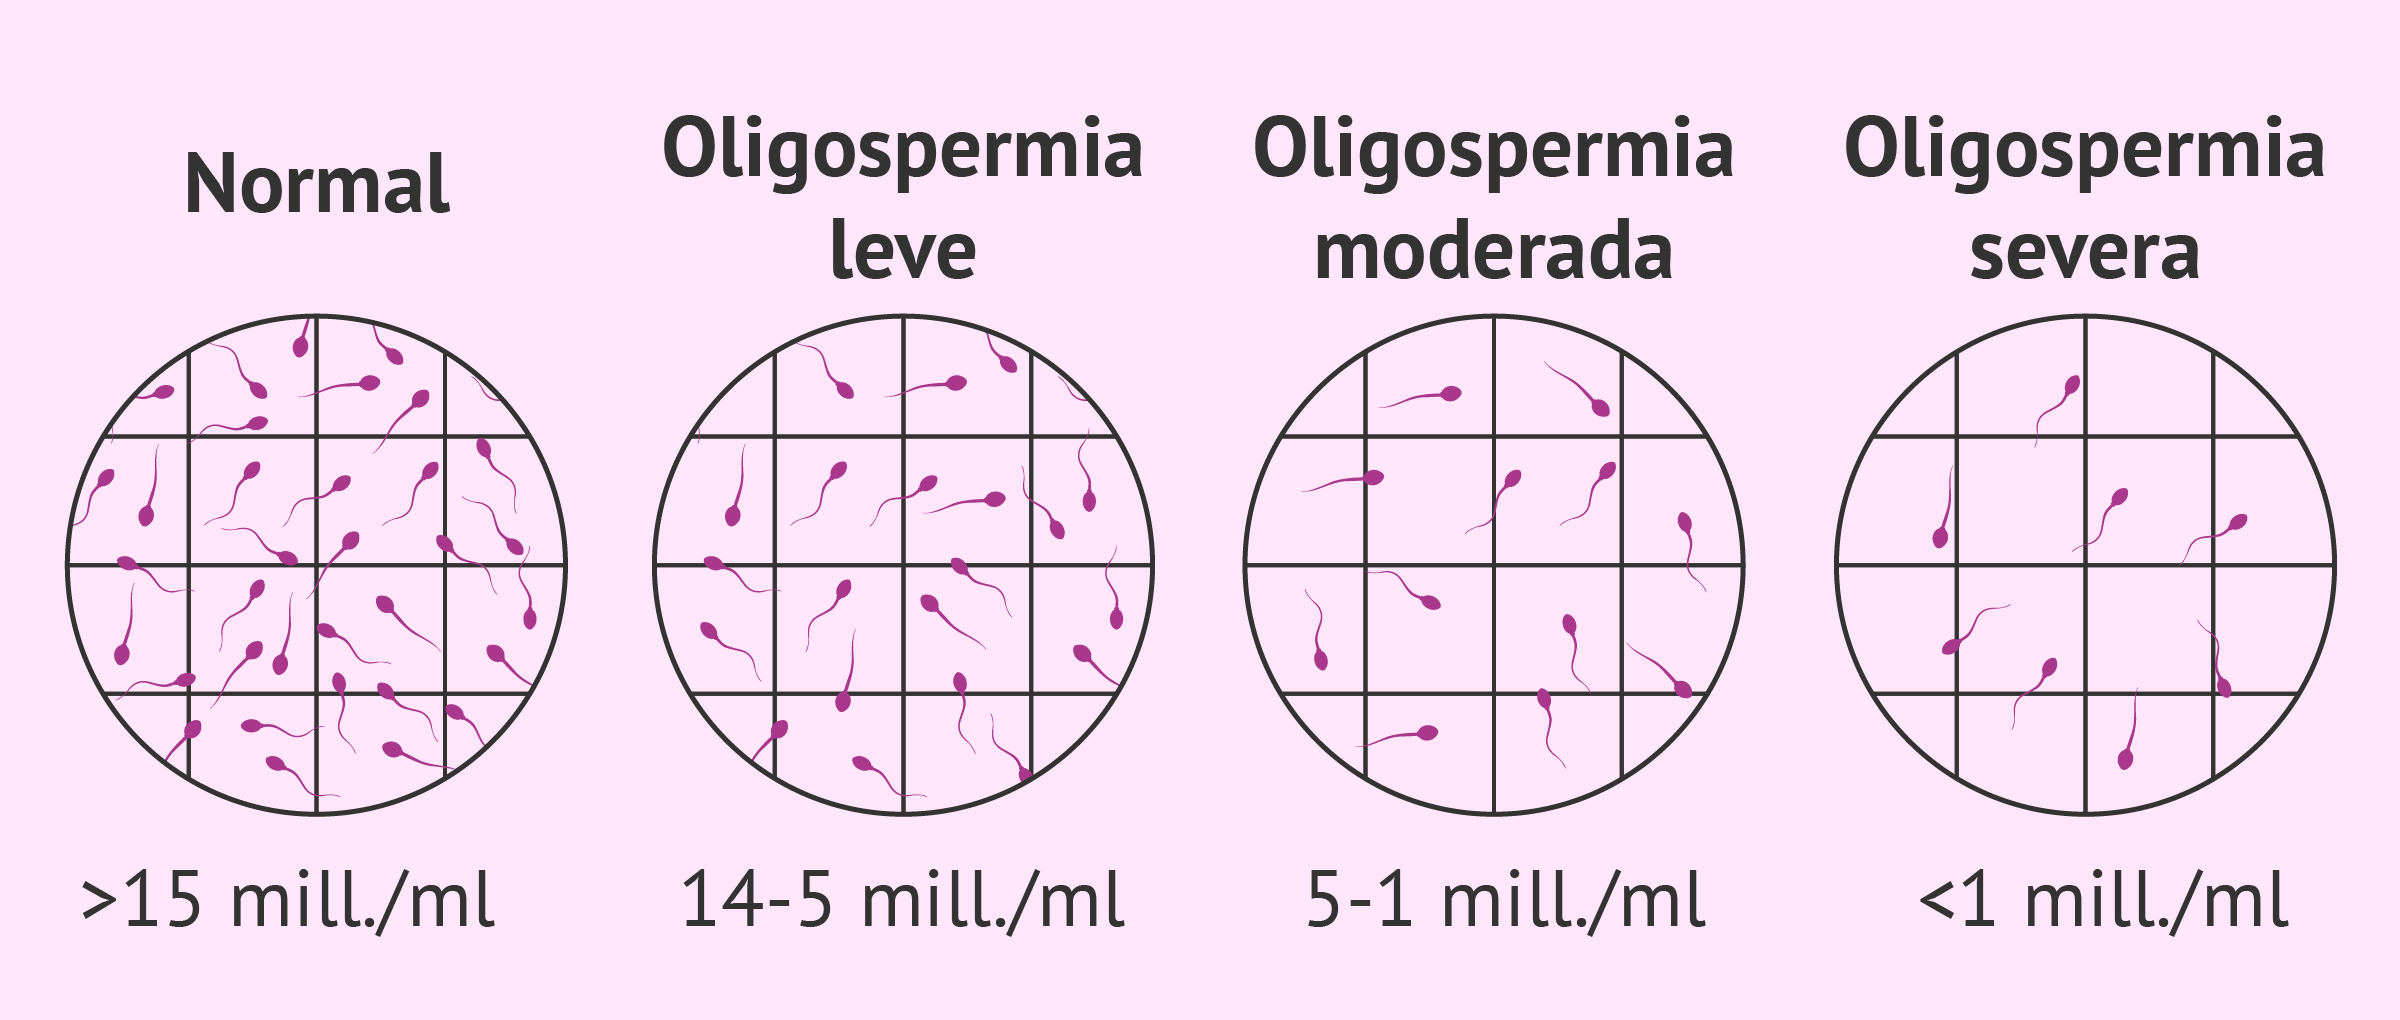 La oligospermia